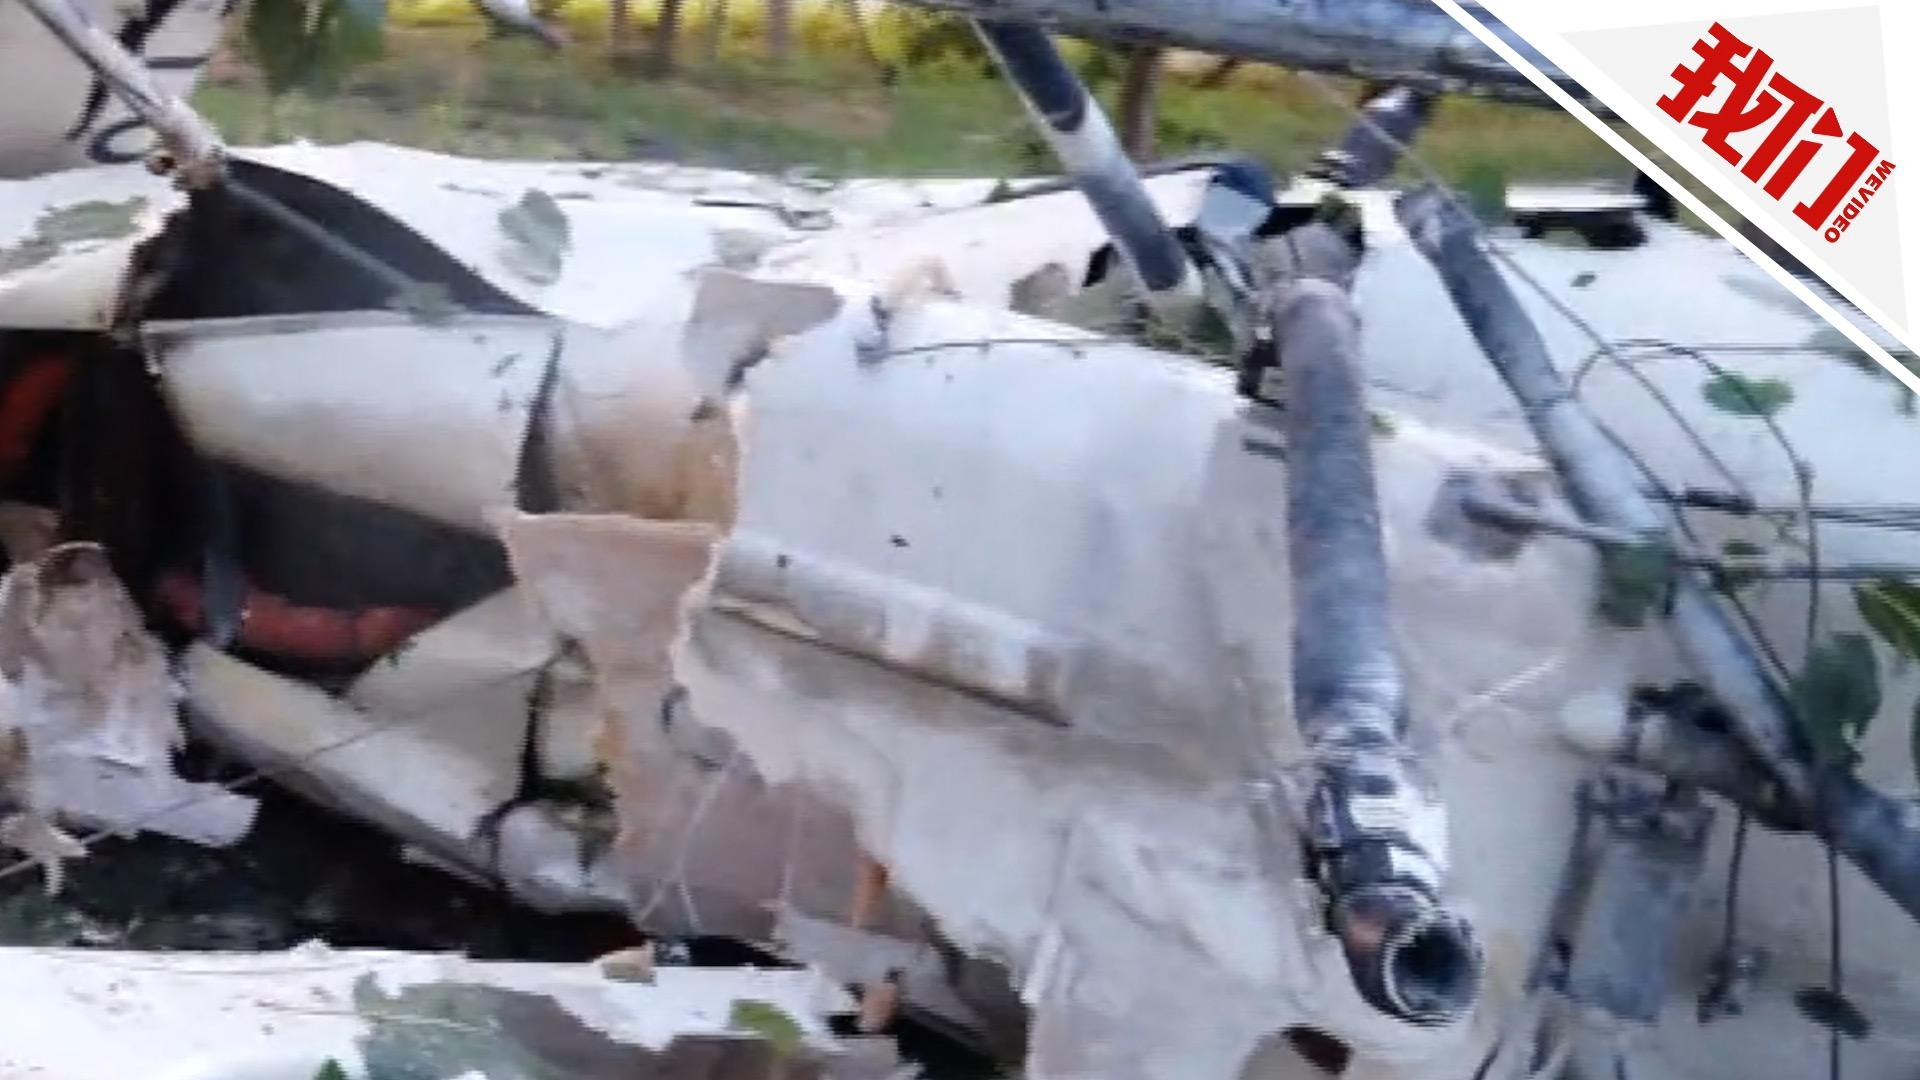 [热门]江苏宿迁一直升机坠落飞行员身亡 飞机残骸散落数十米范